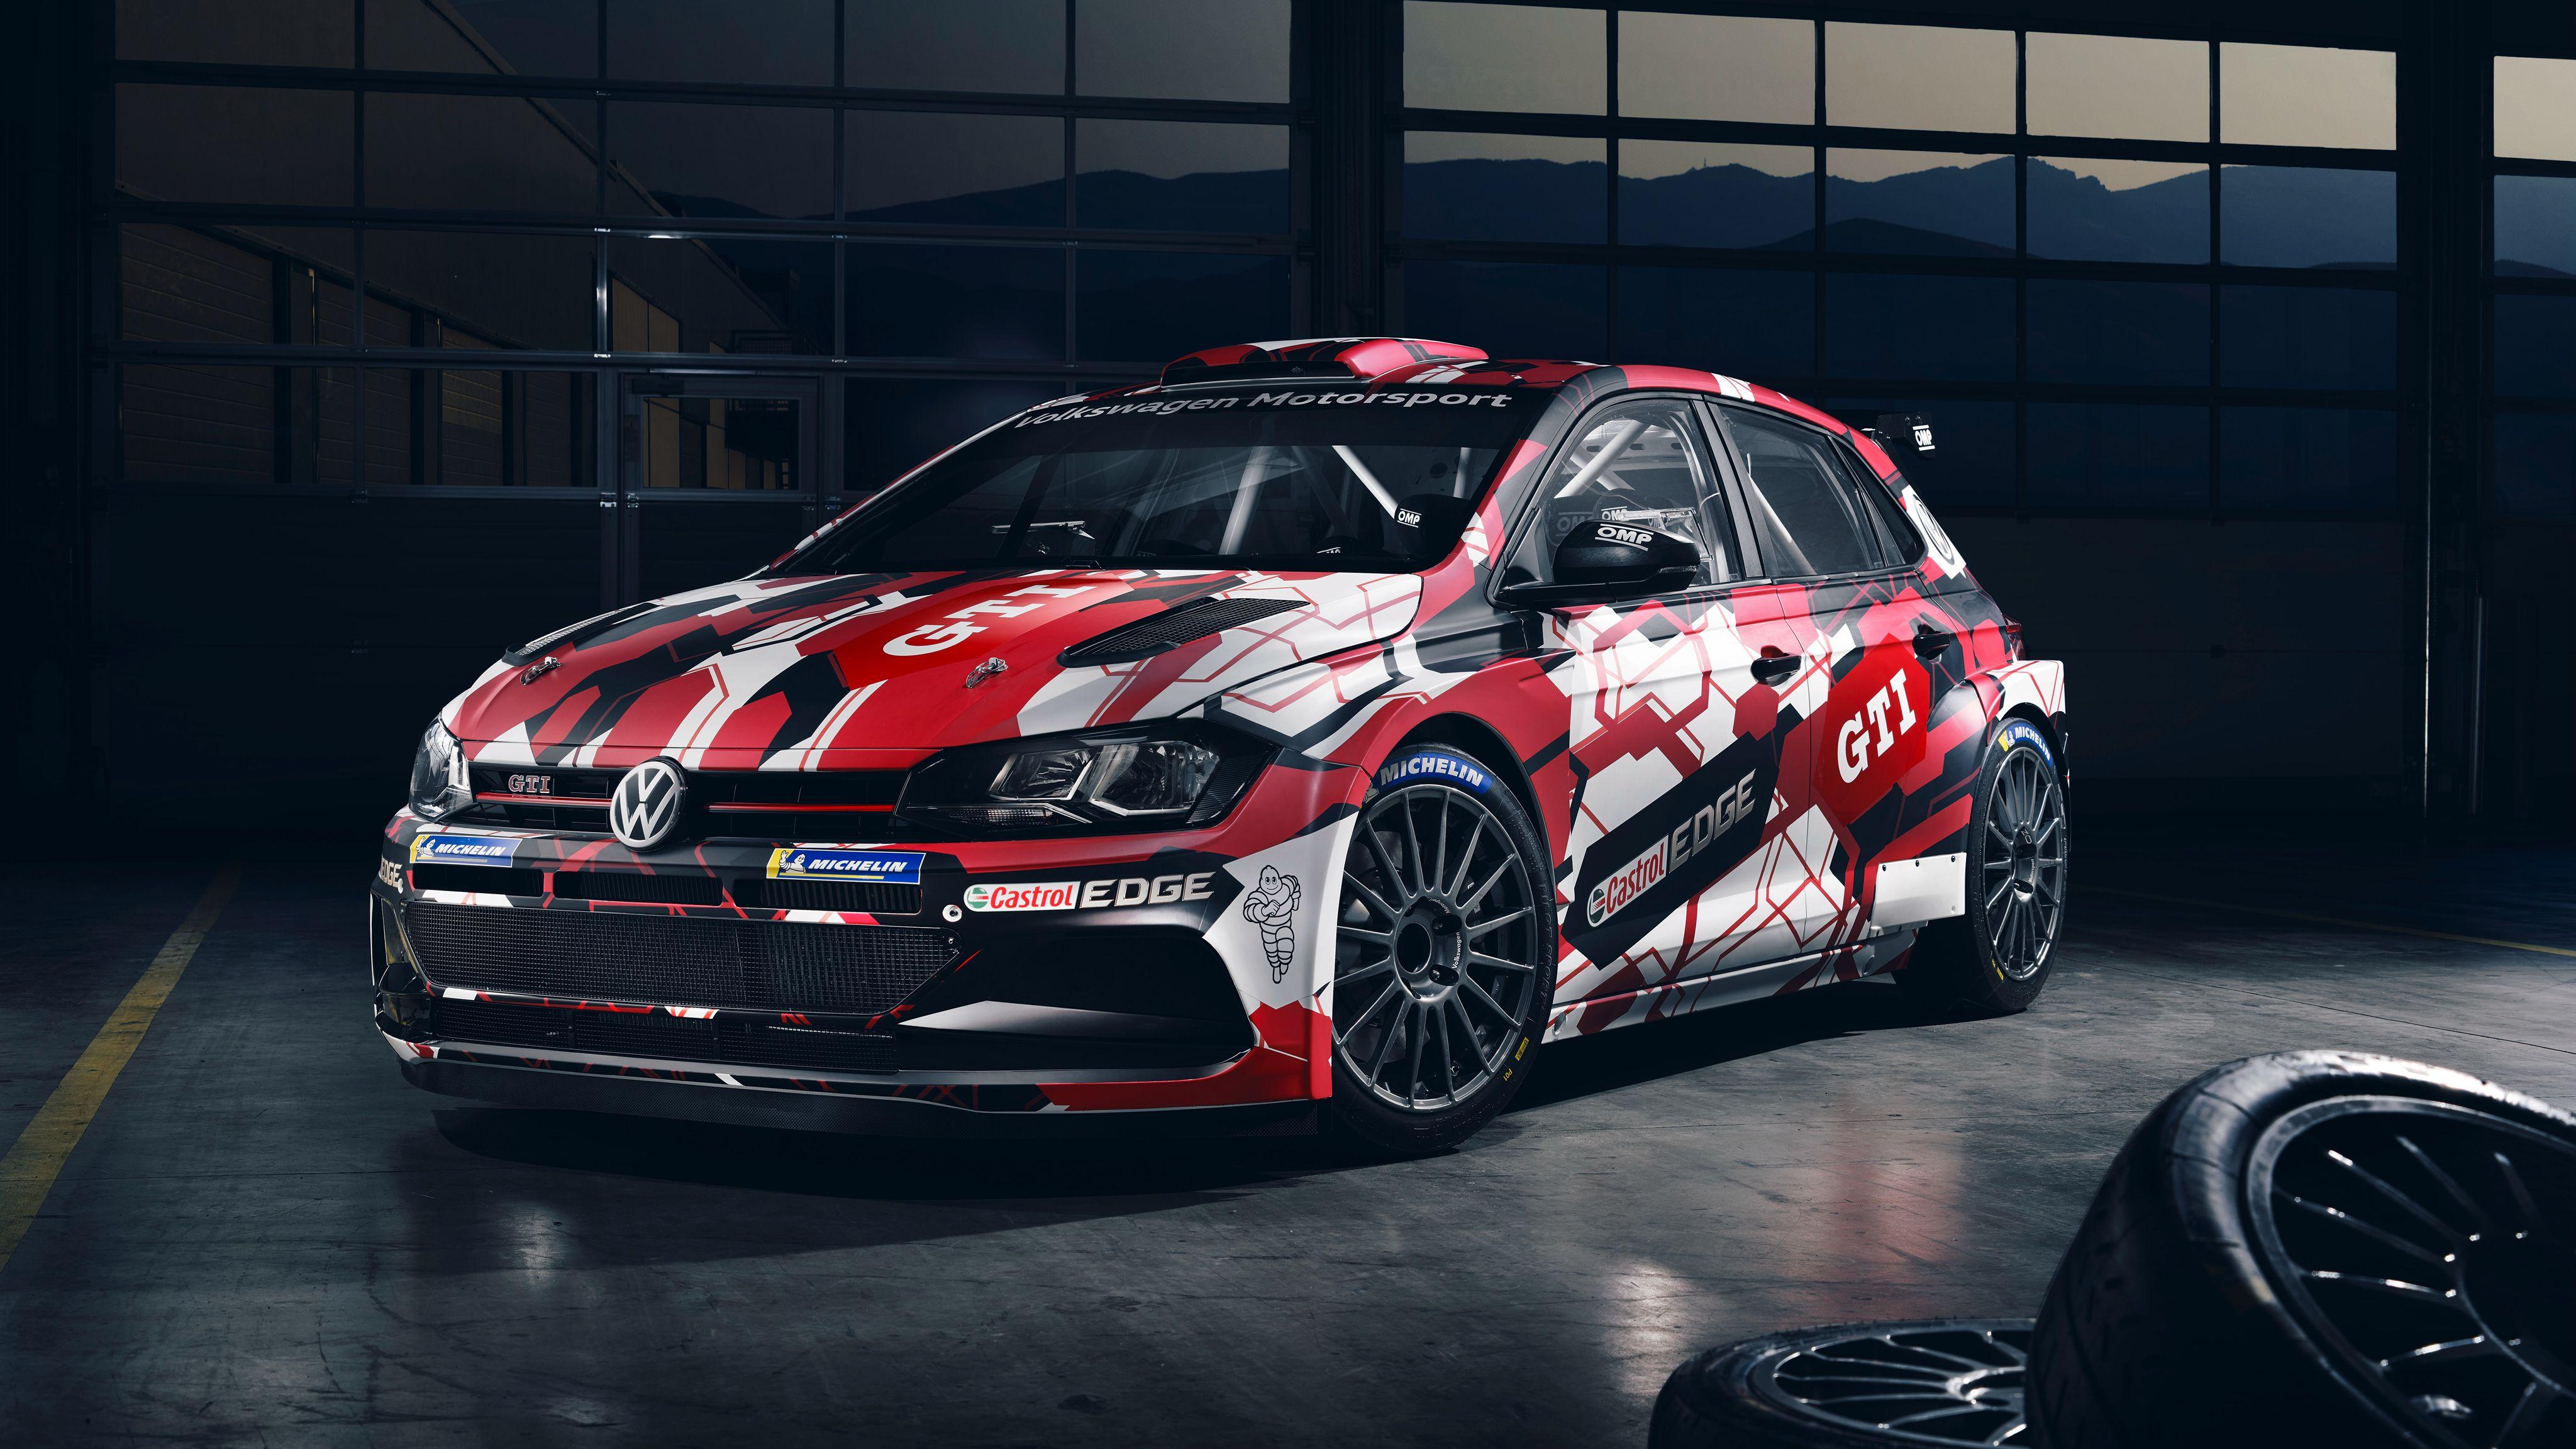 Pin By Indrek Allik On Rally Volkswagen Polo Gti Vw Polo Gti Polo Gti